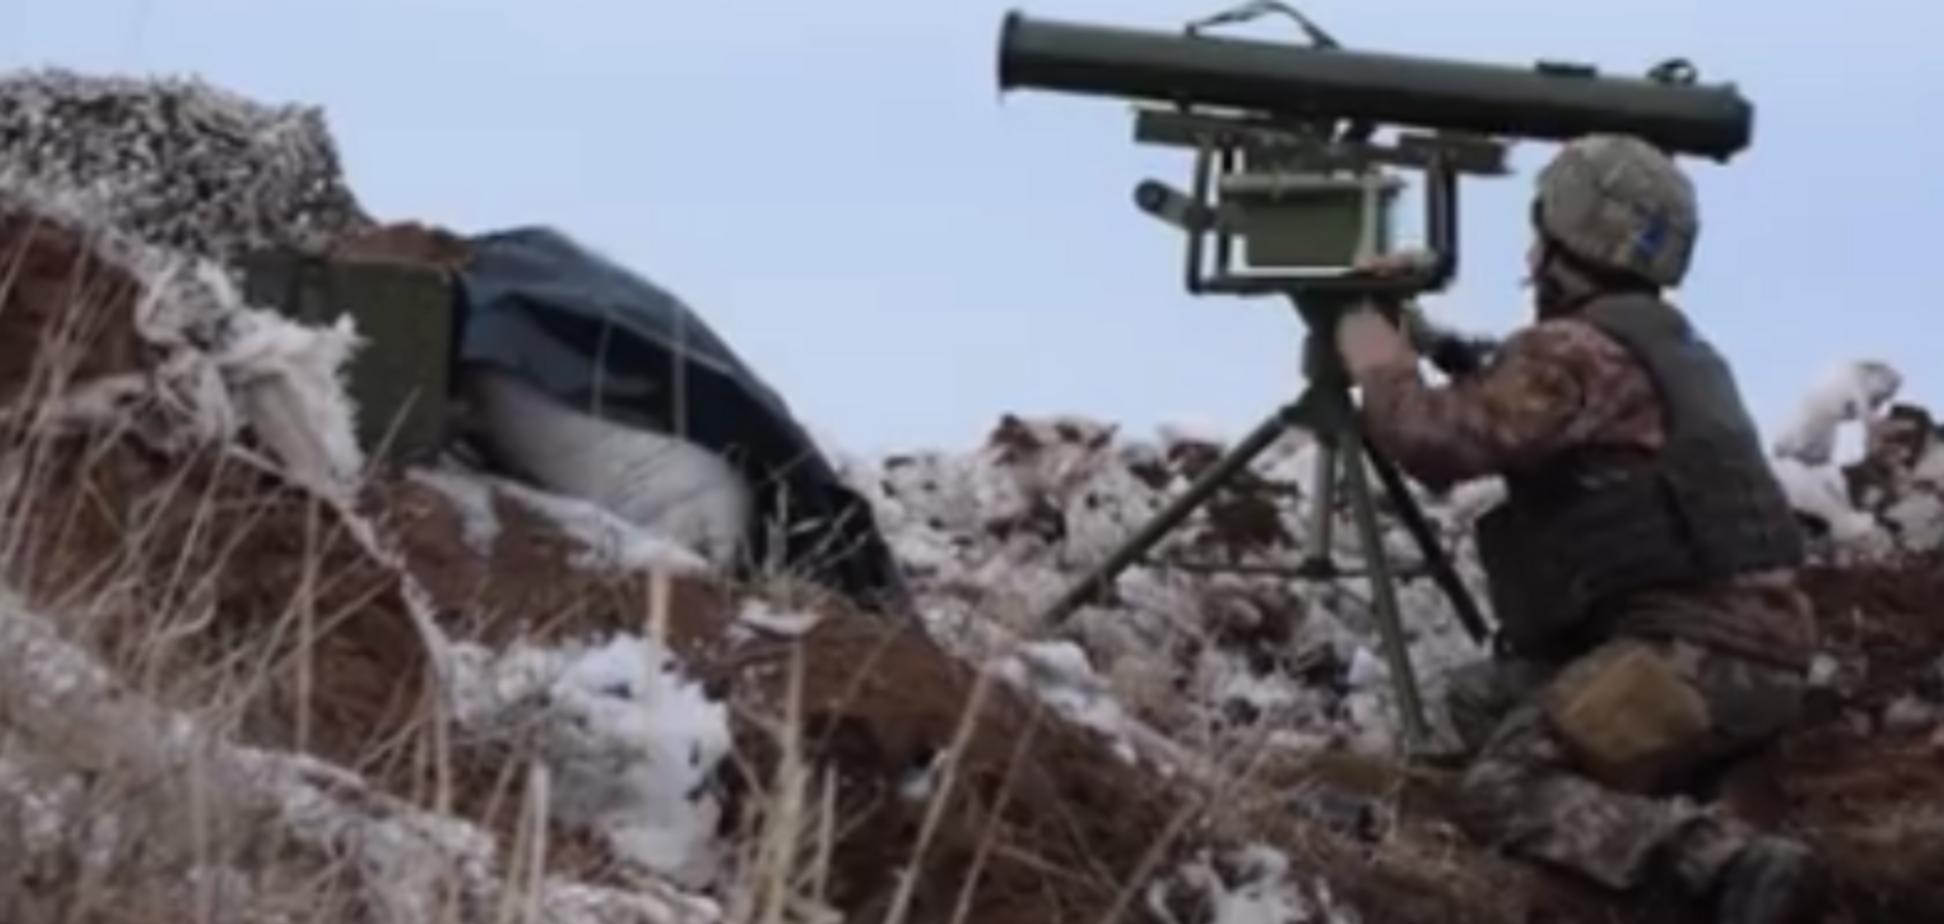 Нарвалися! ЗСУ потужно вдарили по терористах ракетними комплексами: відео